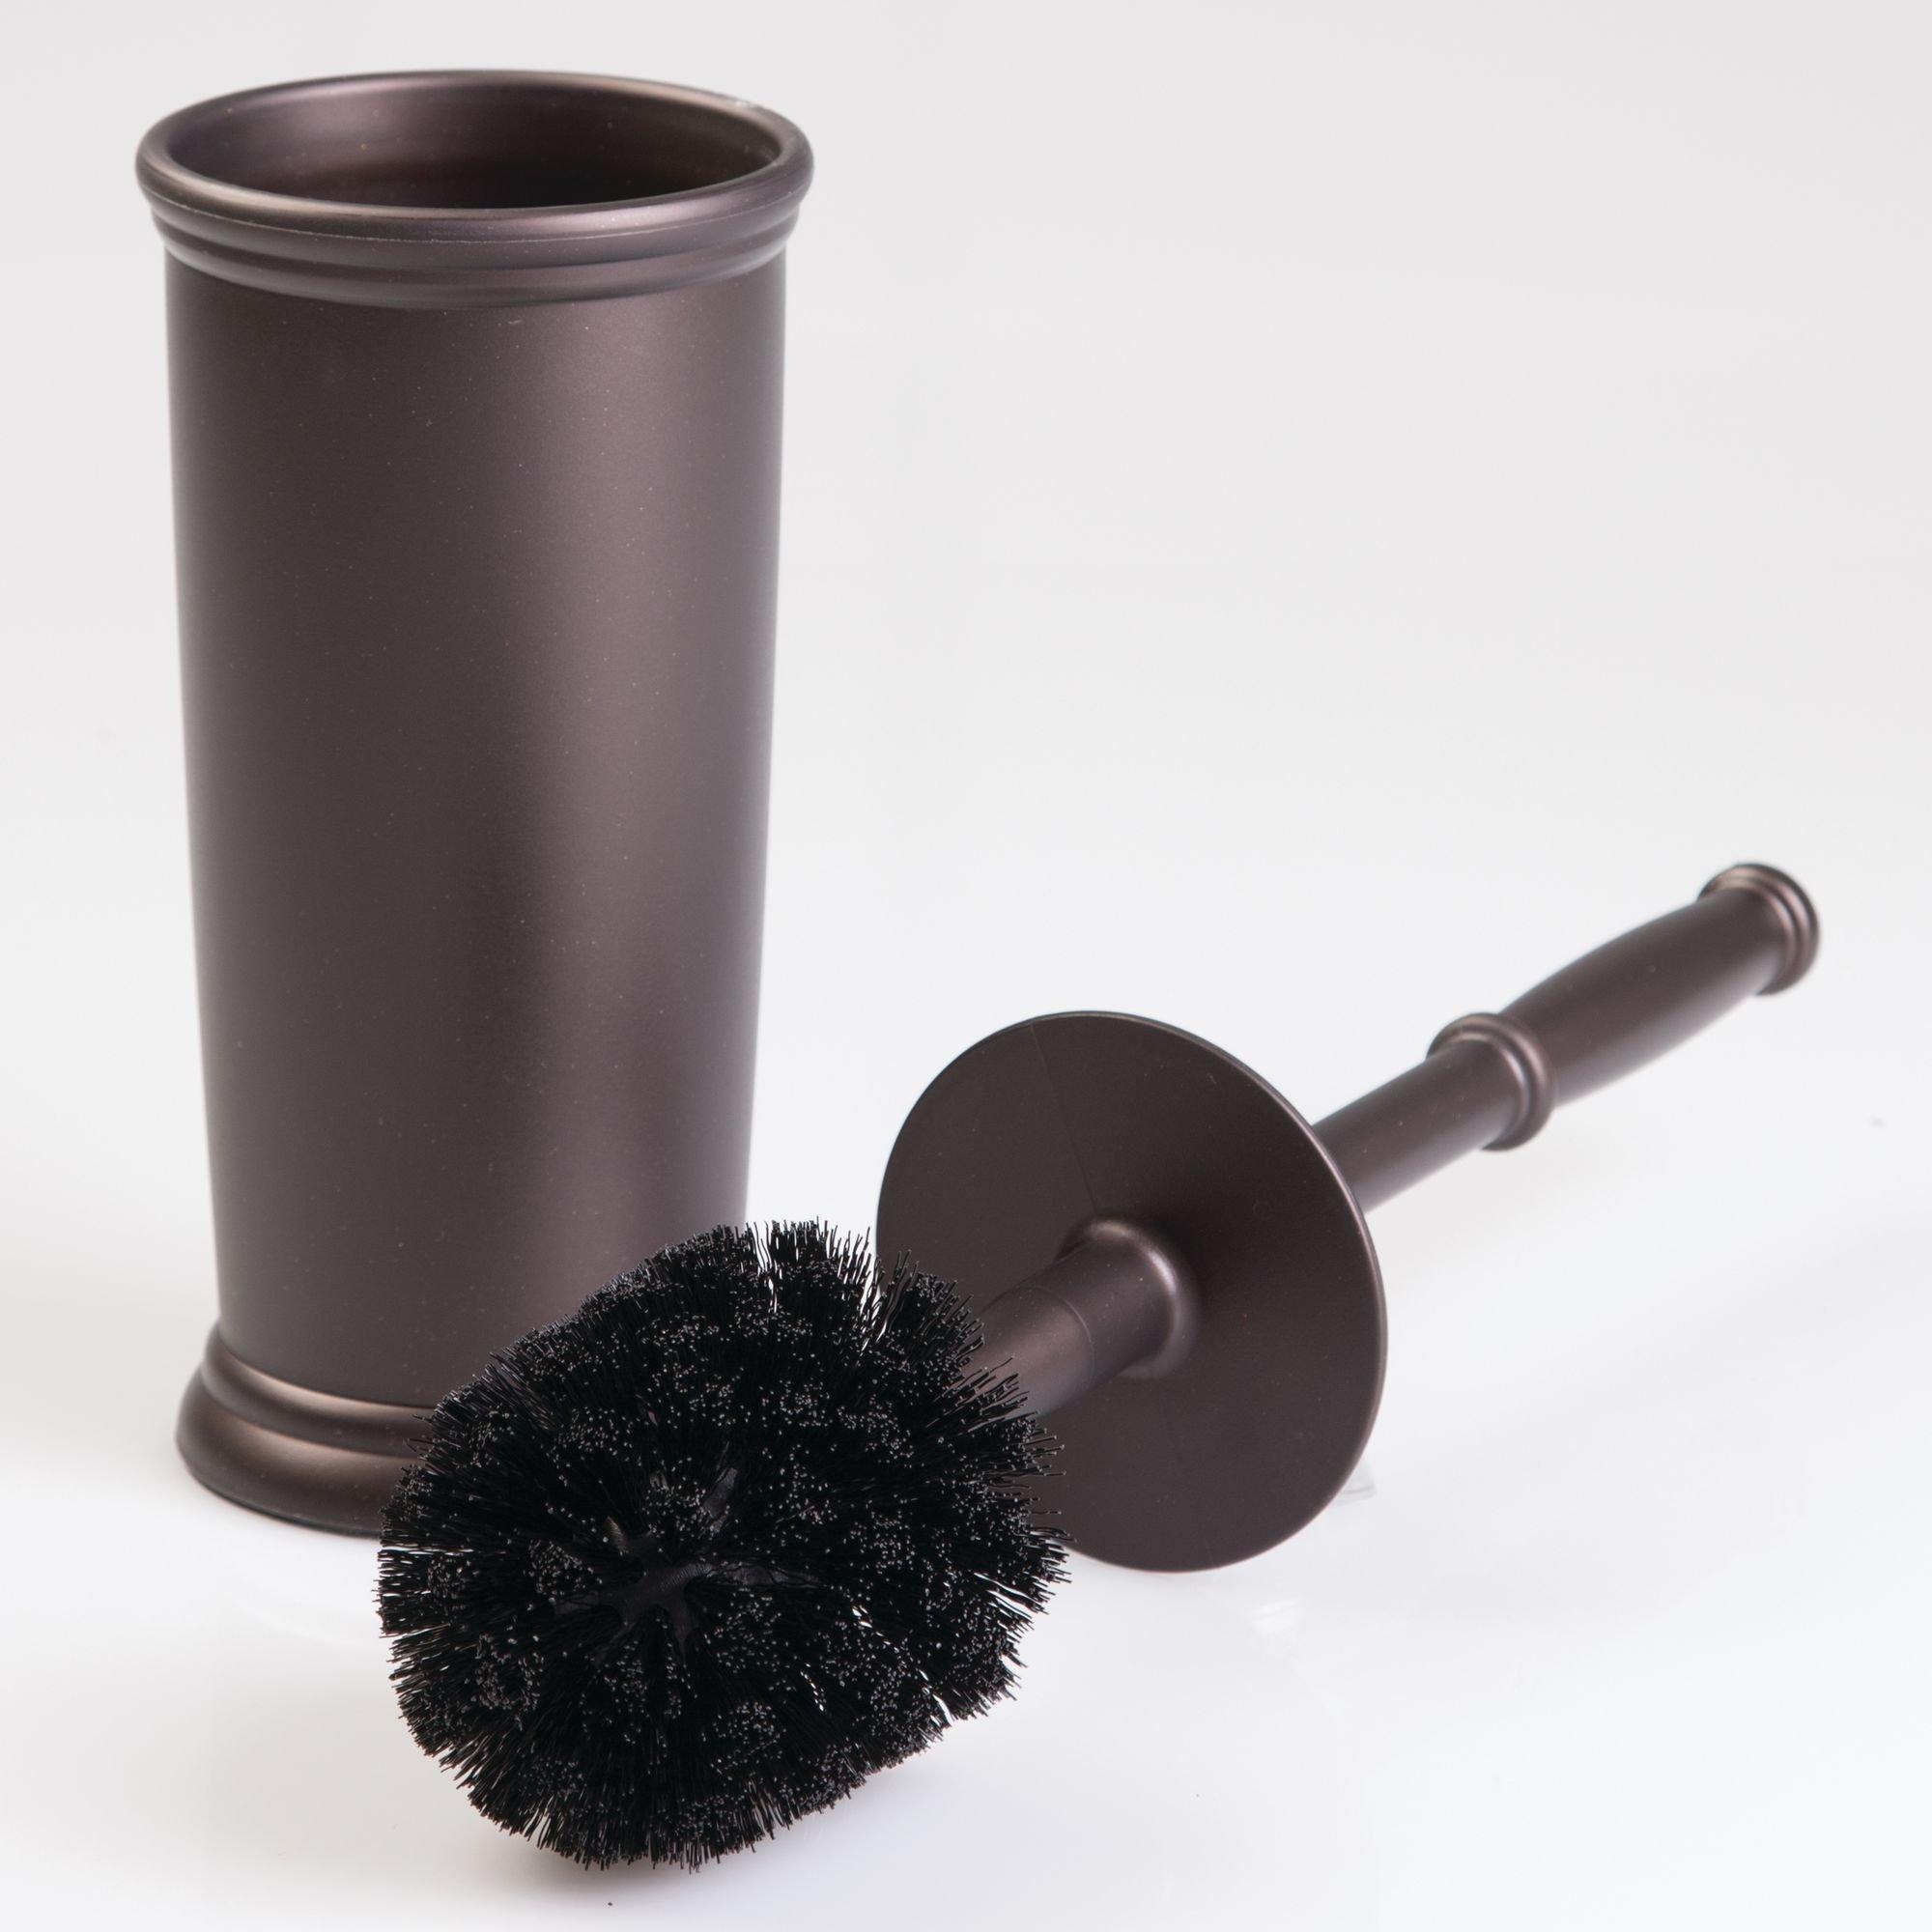 Mejor valorados en escobillas y portaescobillas de inodoro for Inodoro triturador opiniones